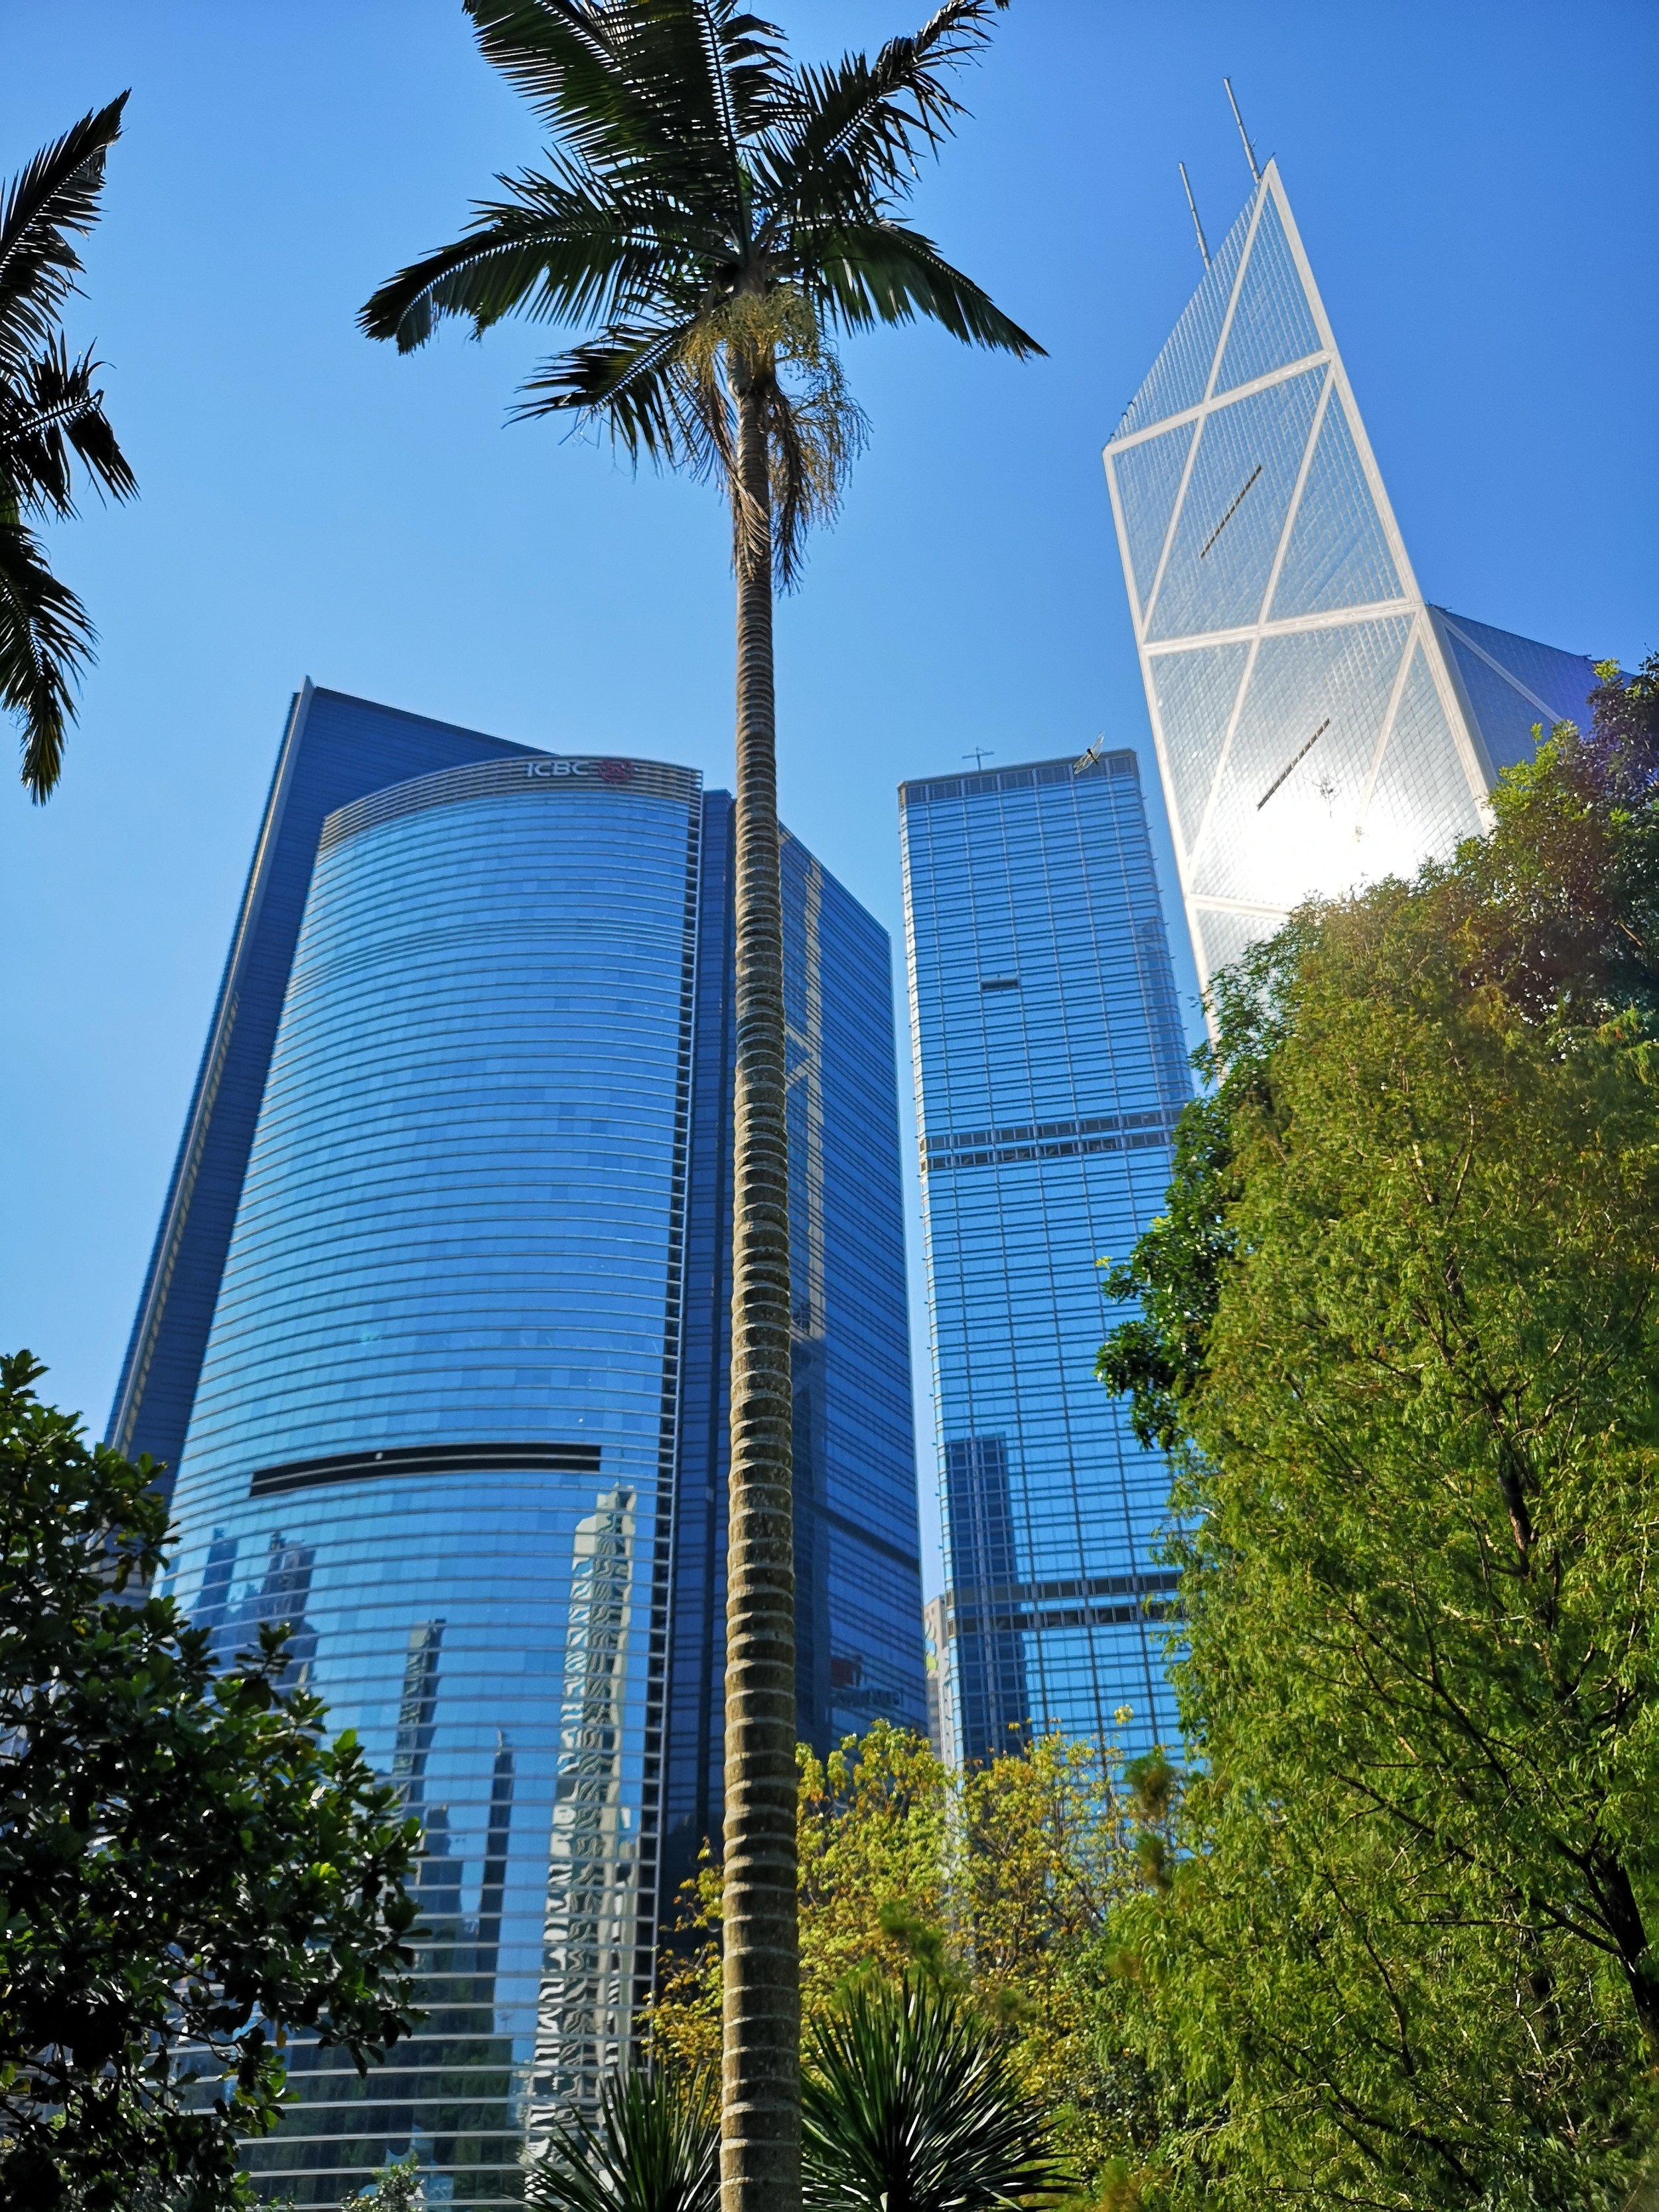 Hong Kong Park view